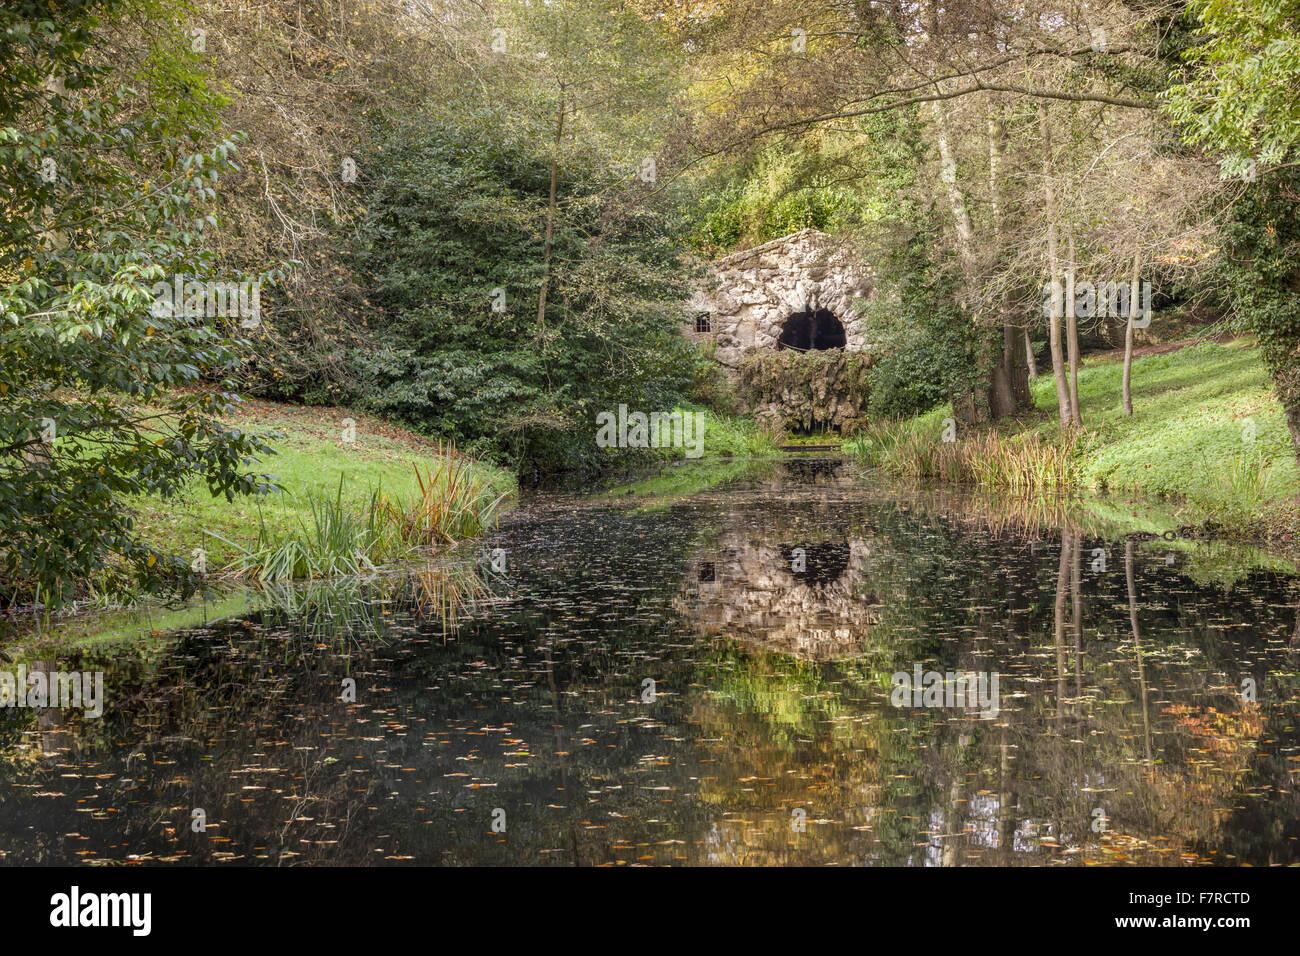 La gruta en Stowe, Buckinghamshire. Stowe es un jardín del siglo XVIII, e incluye más de 40 templos y monumentos Foto de stock